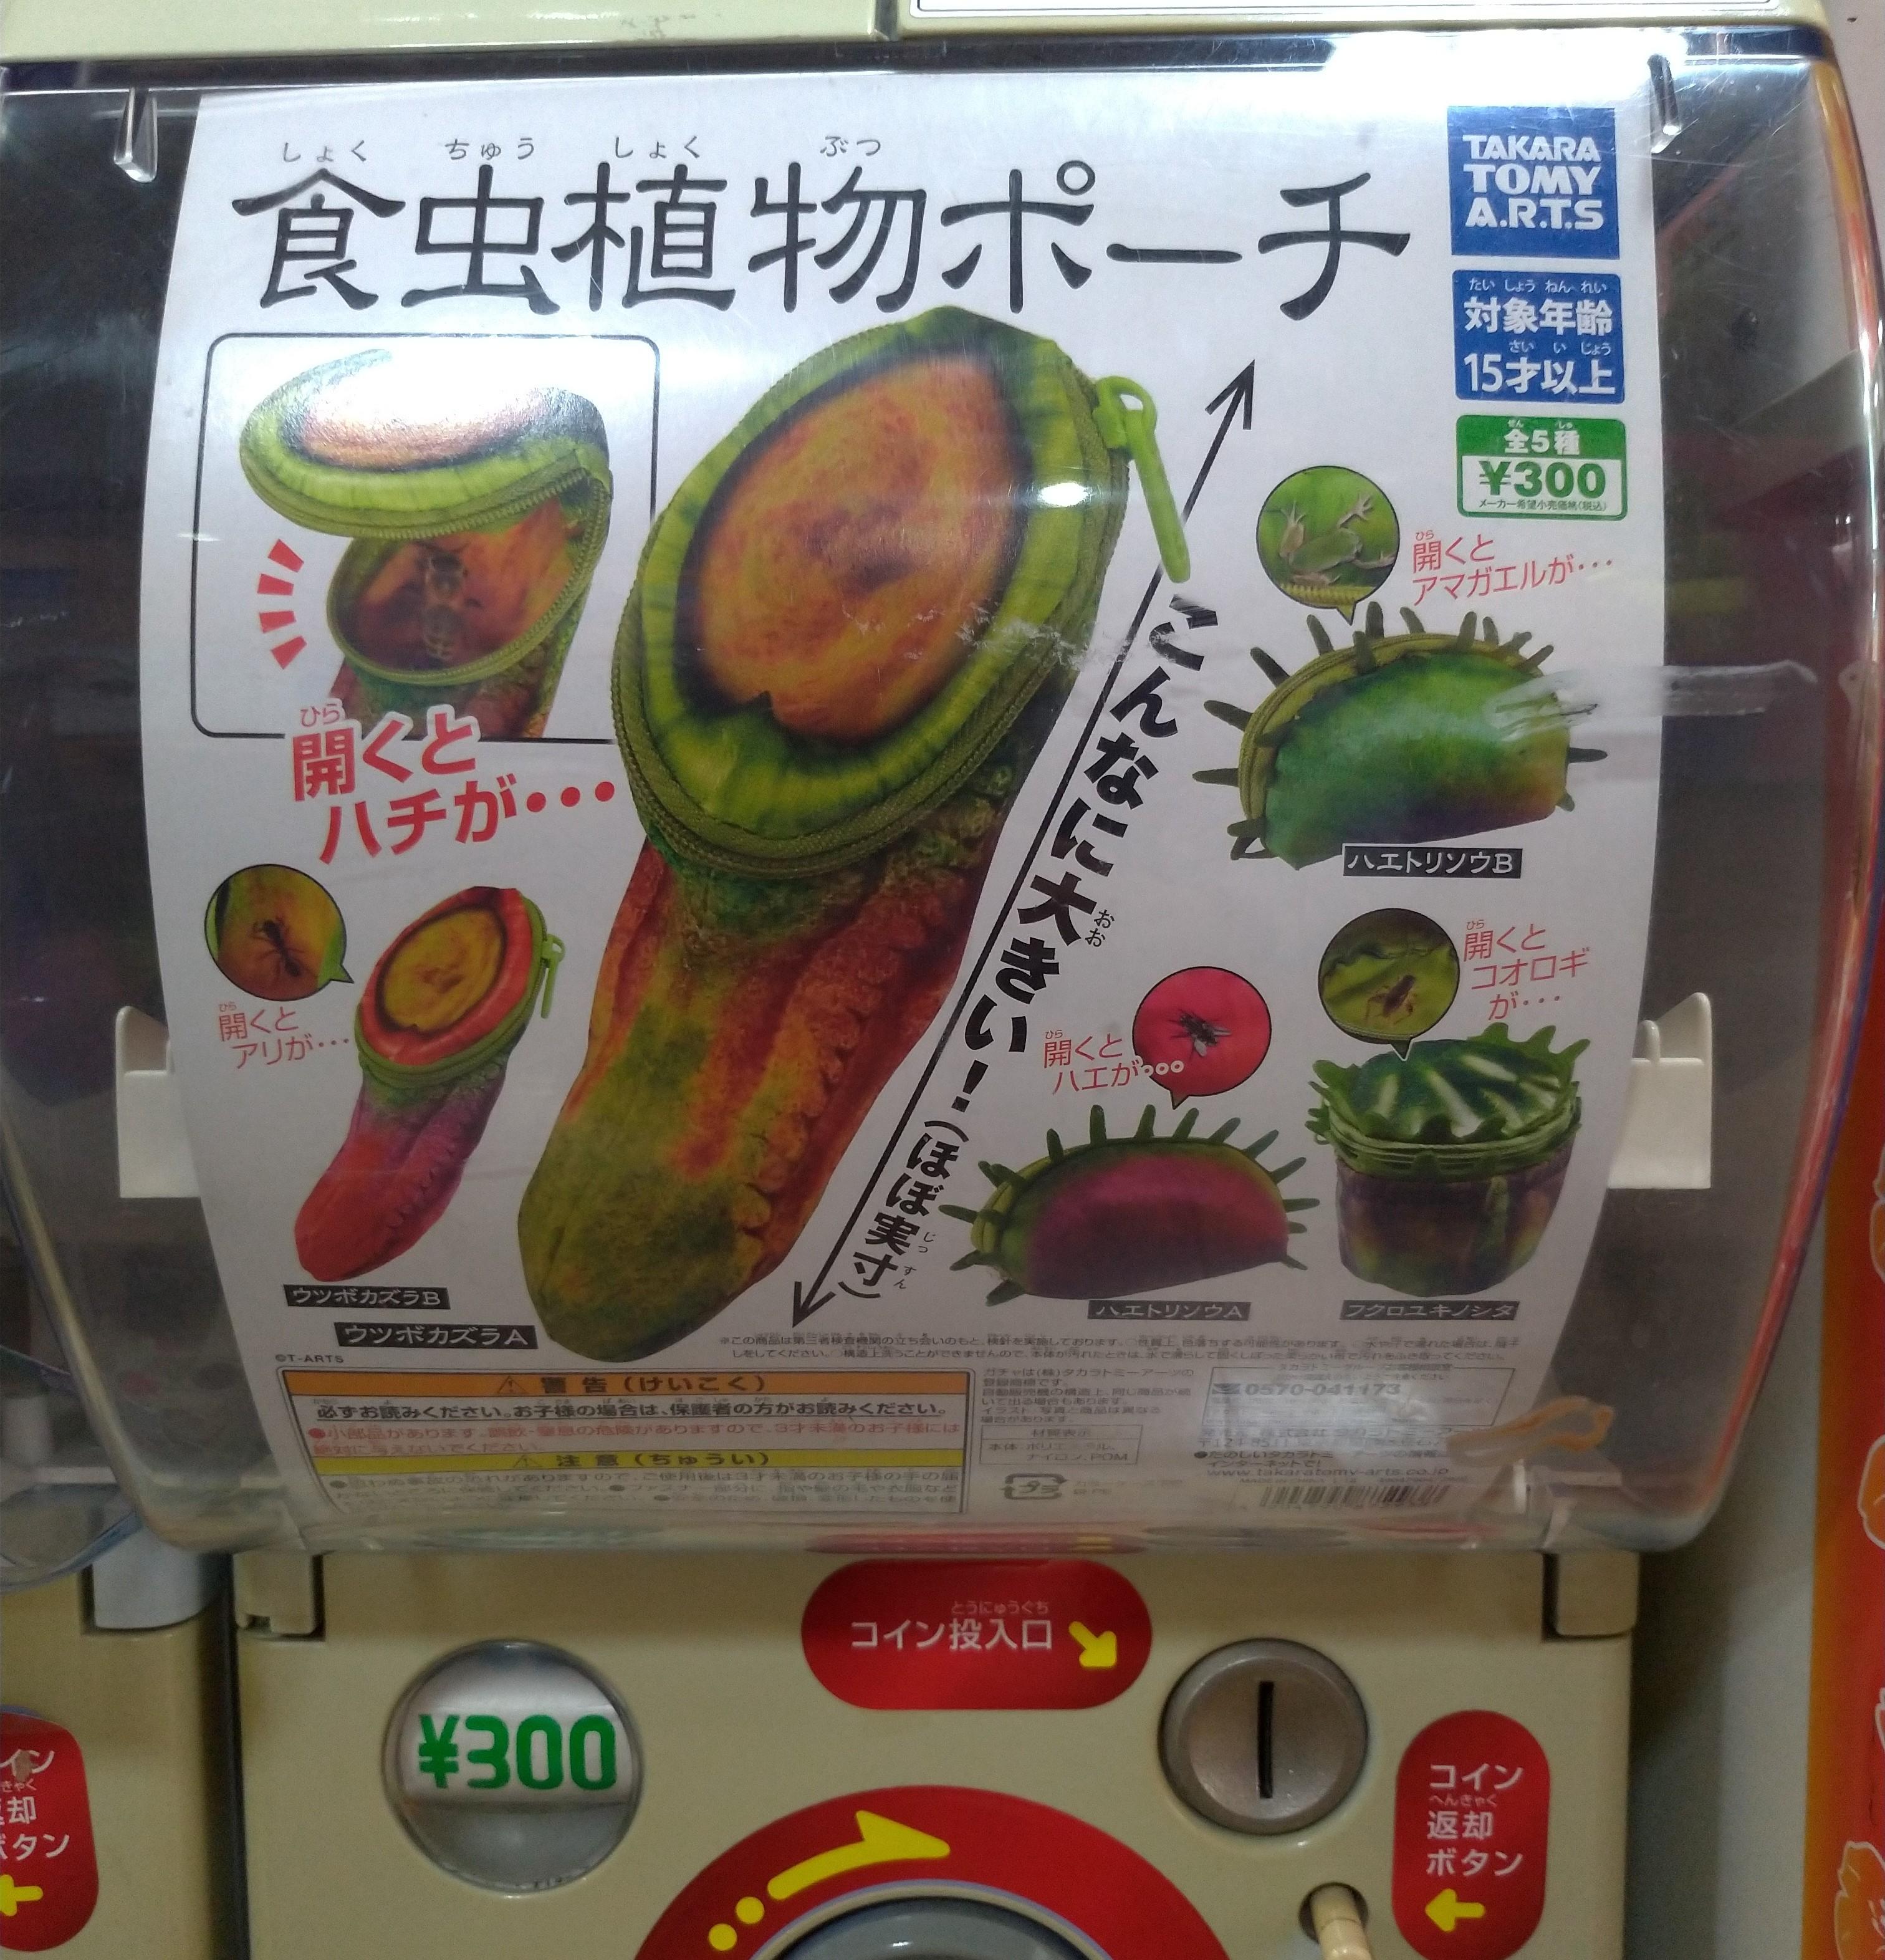 科学がちゃ「食虫植物ポーチ」